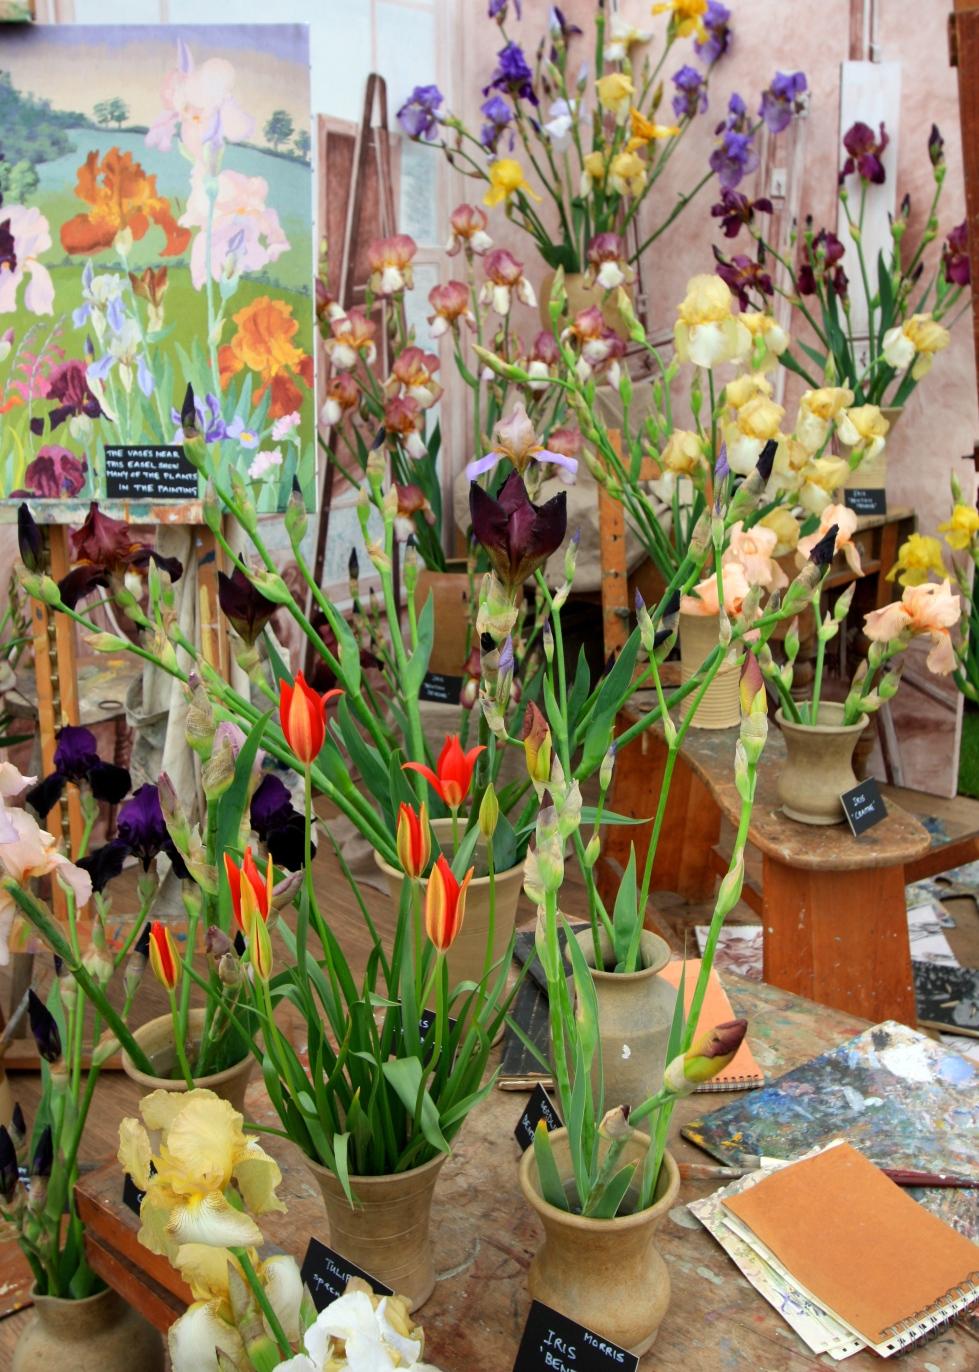 Howard Nurseries' display of Cedric Morris hybrids in an artist's studio setting